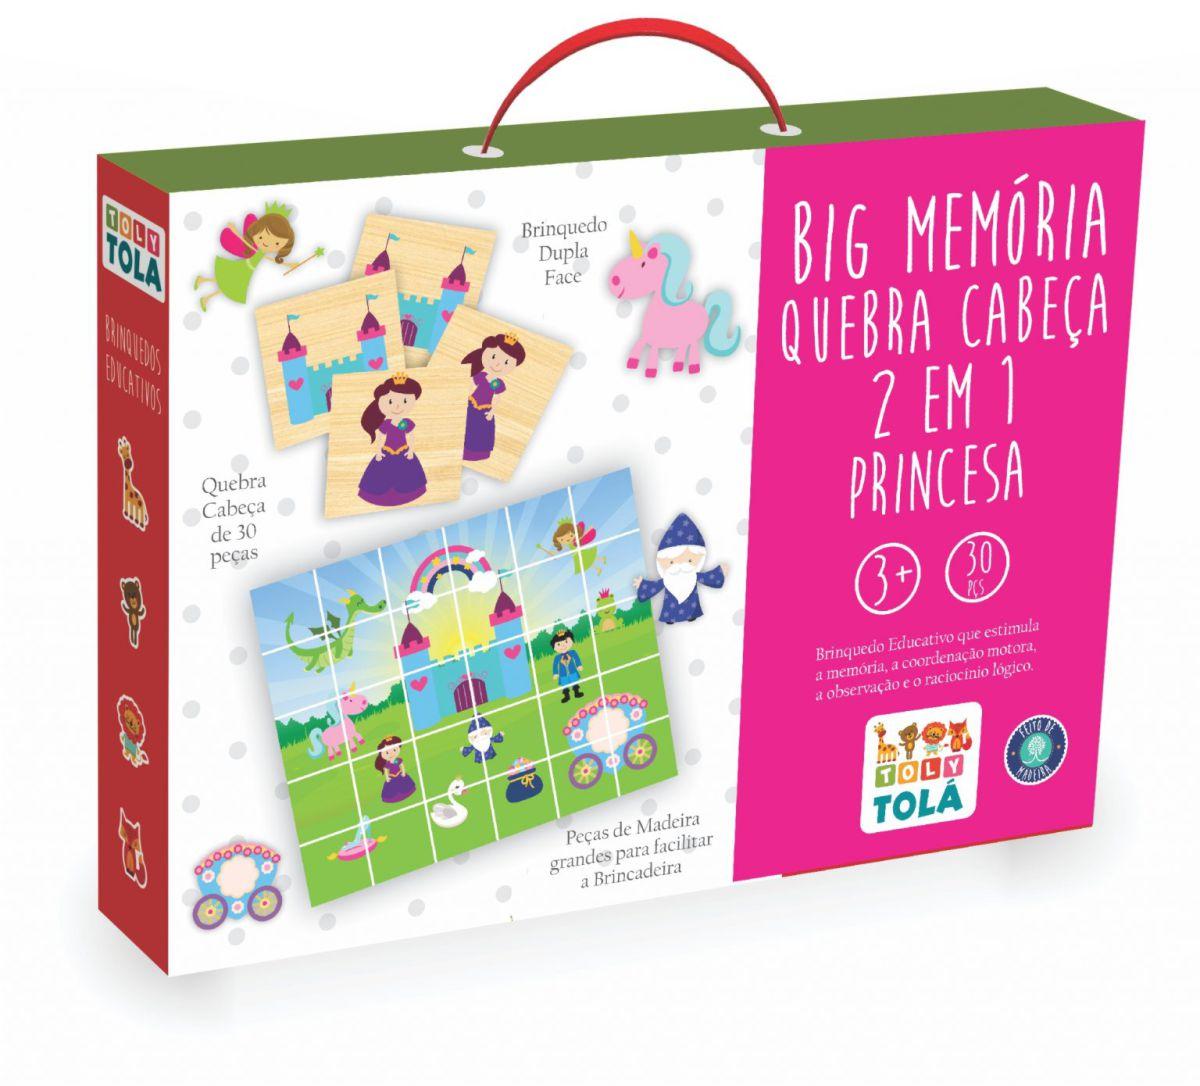 brinquedo-big-memoria-quebra-cabeca-2-em-1-princesa-zastras